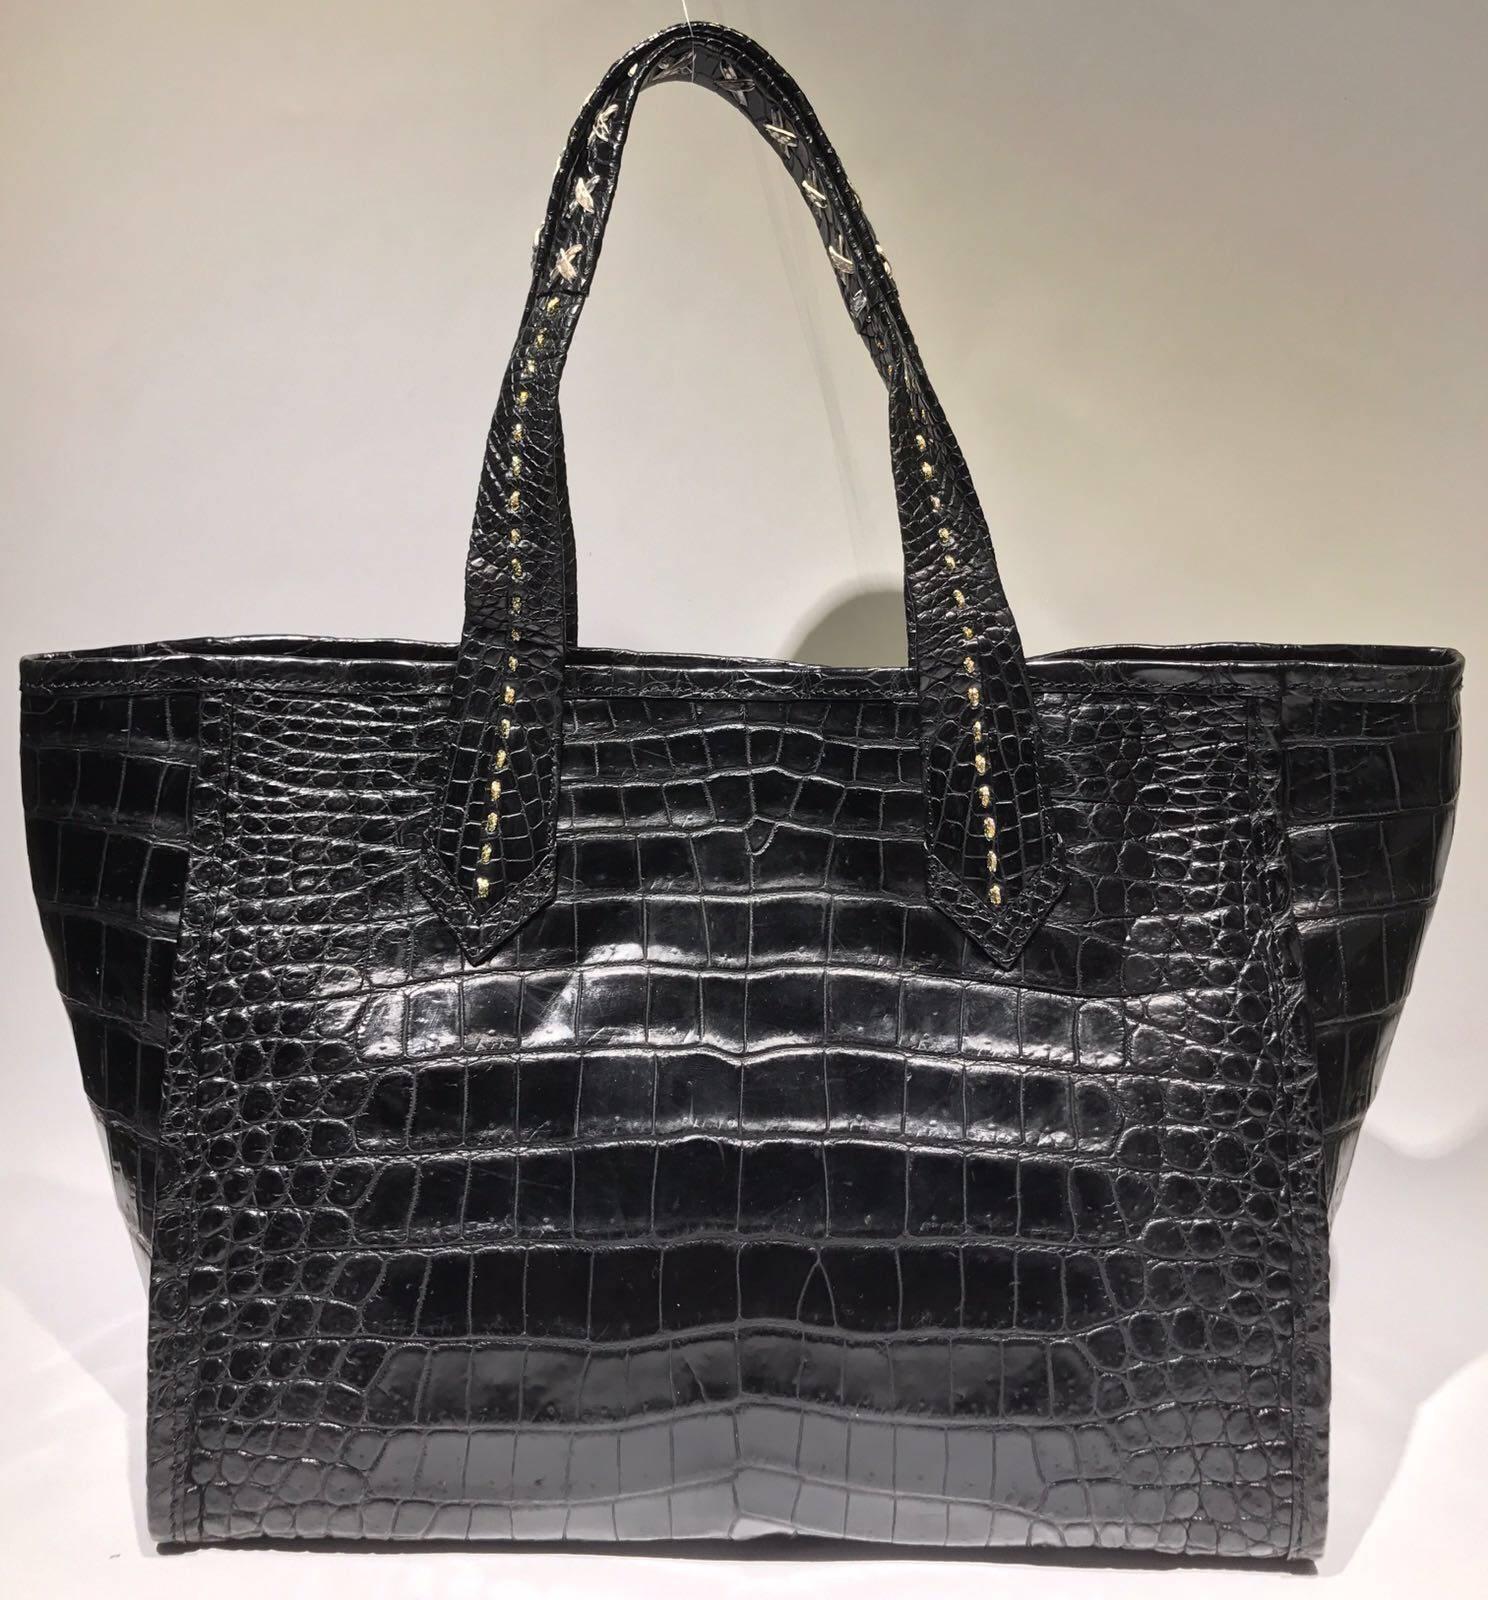 1stdibs Ana Switzerland Crocodile Tote Bag X4vUpFi